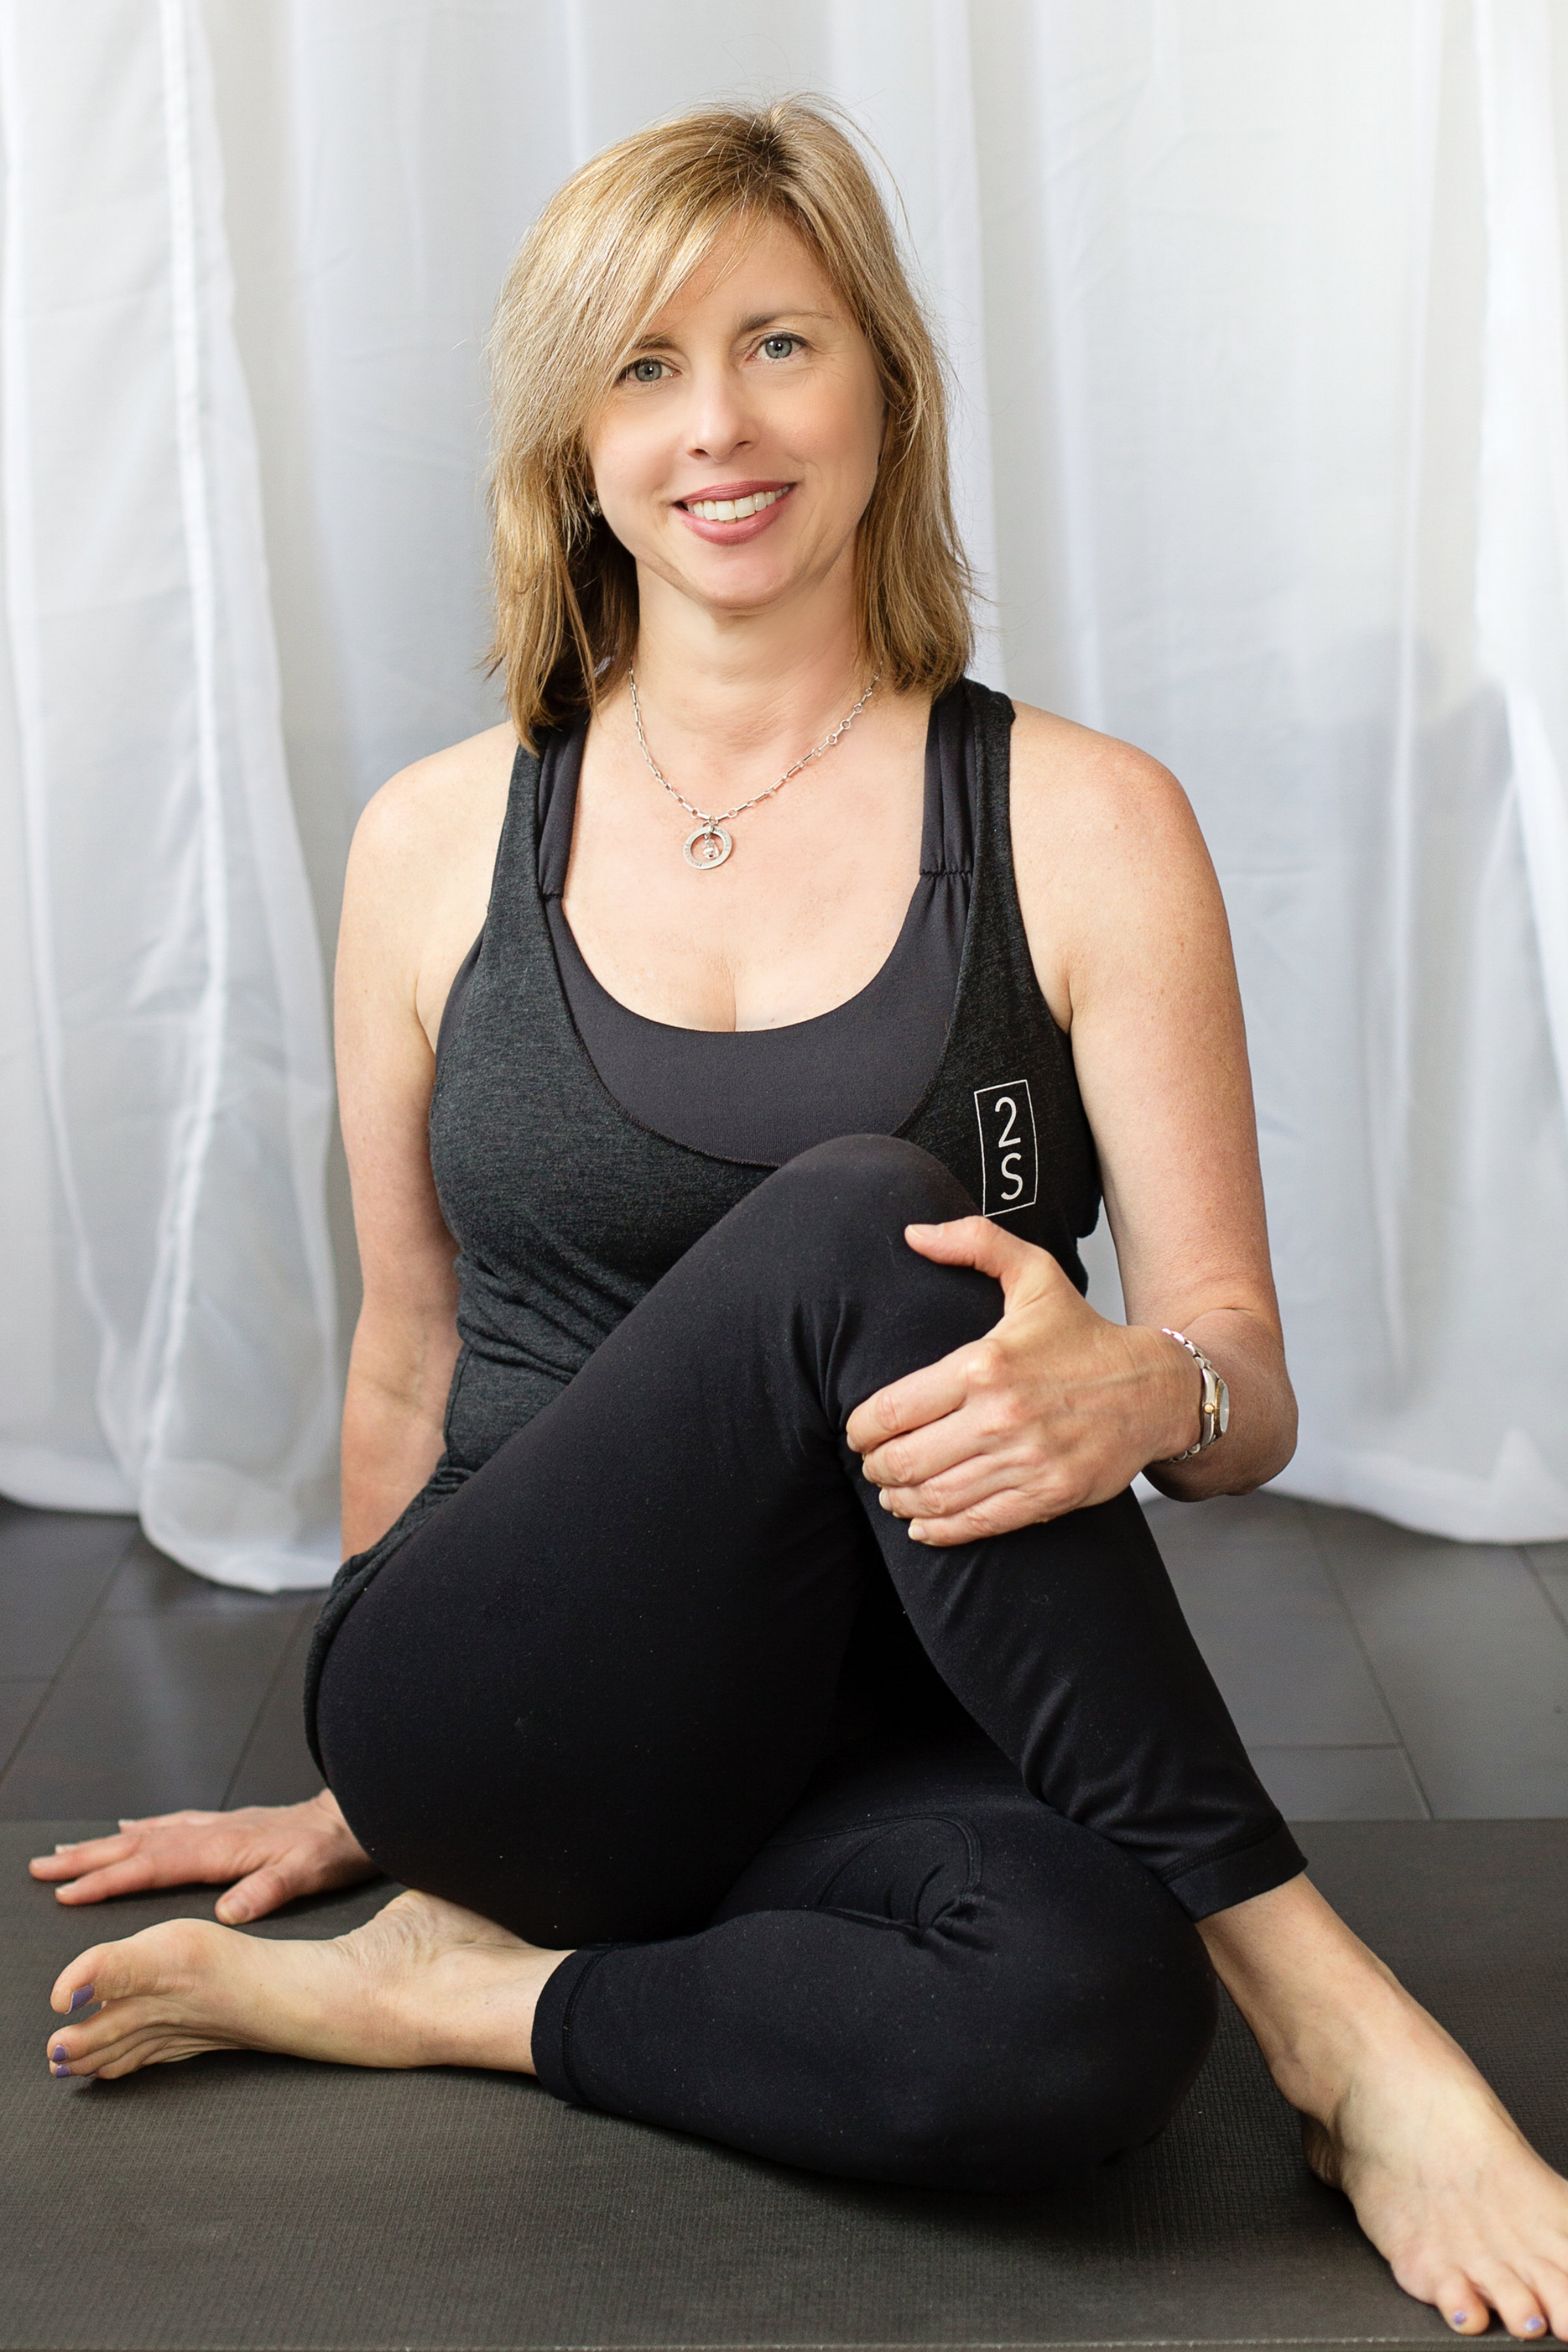 Helen Anne DiMeglio